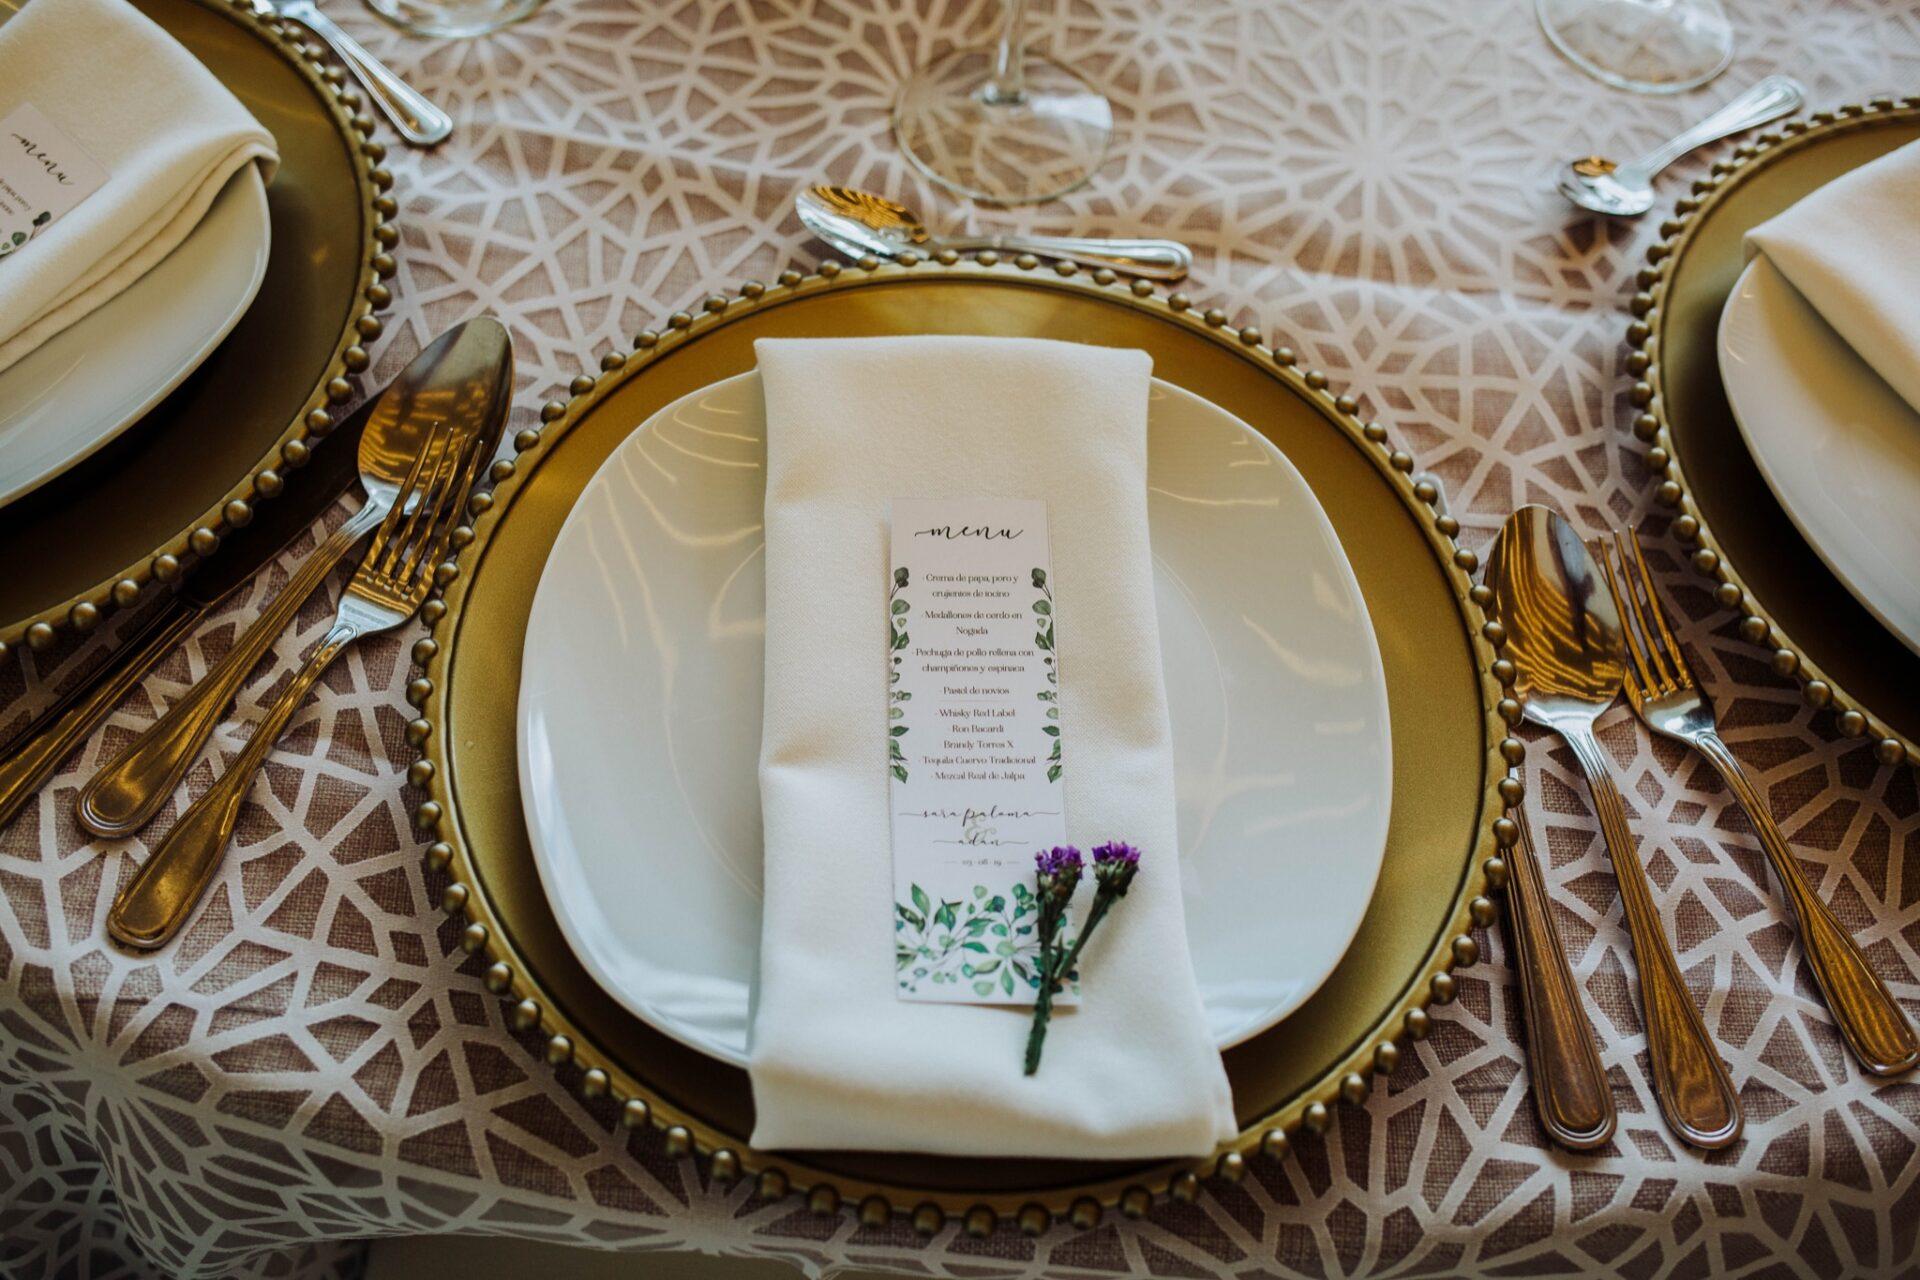 javier_noriega_fotografo_bodas_los_gaviones_zacatecas_wedding_photographer22